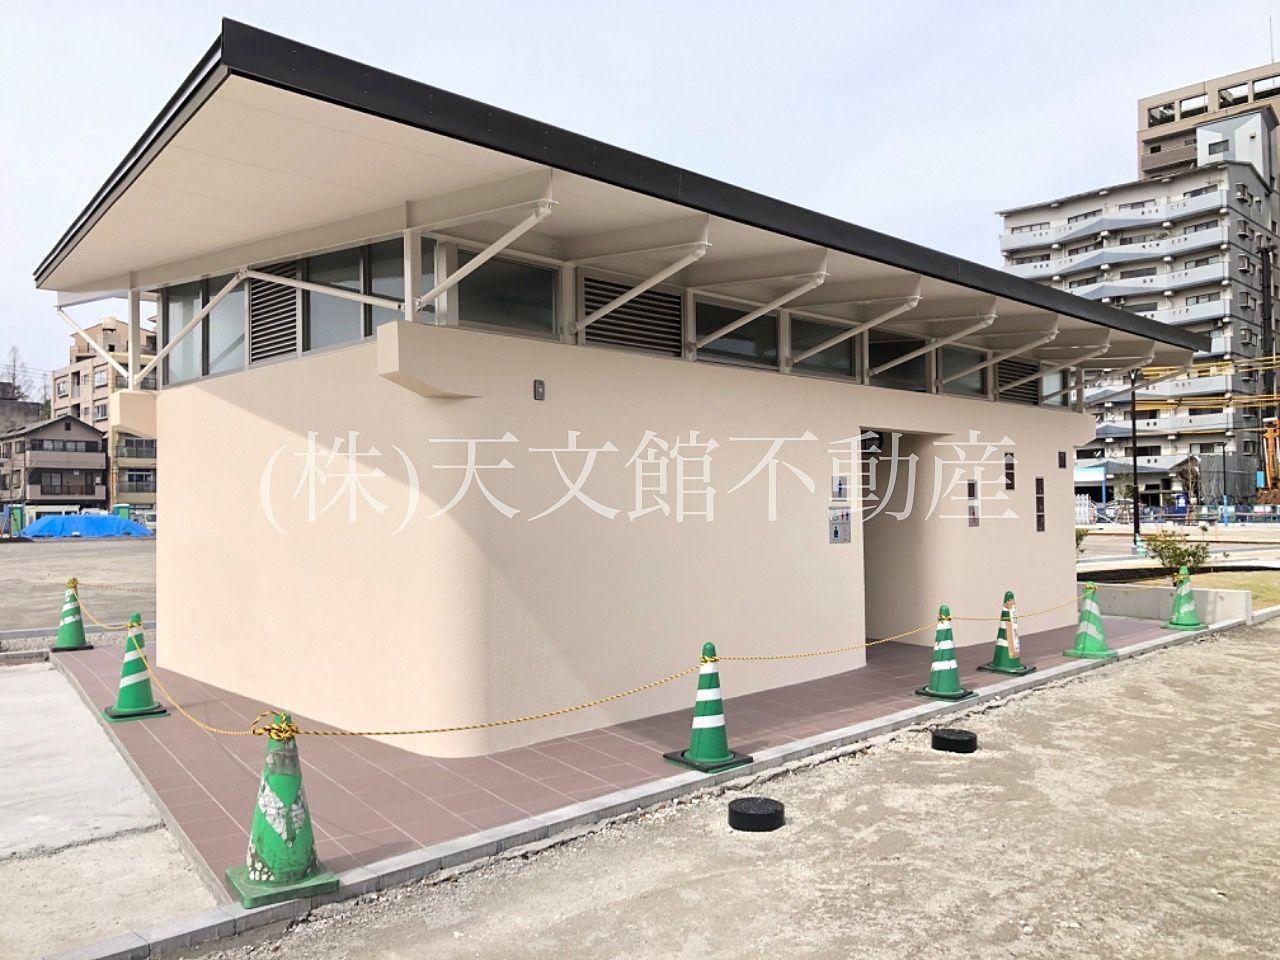 鹿児島市加治屋町の加治屋町の杜公園の電車通り側には男女別に大きな公衆トイレが出来ました。